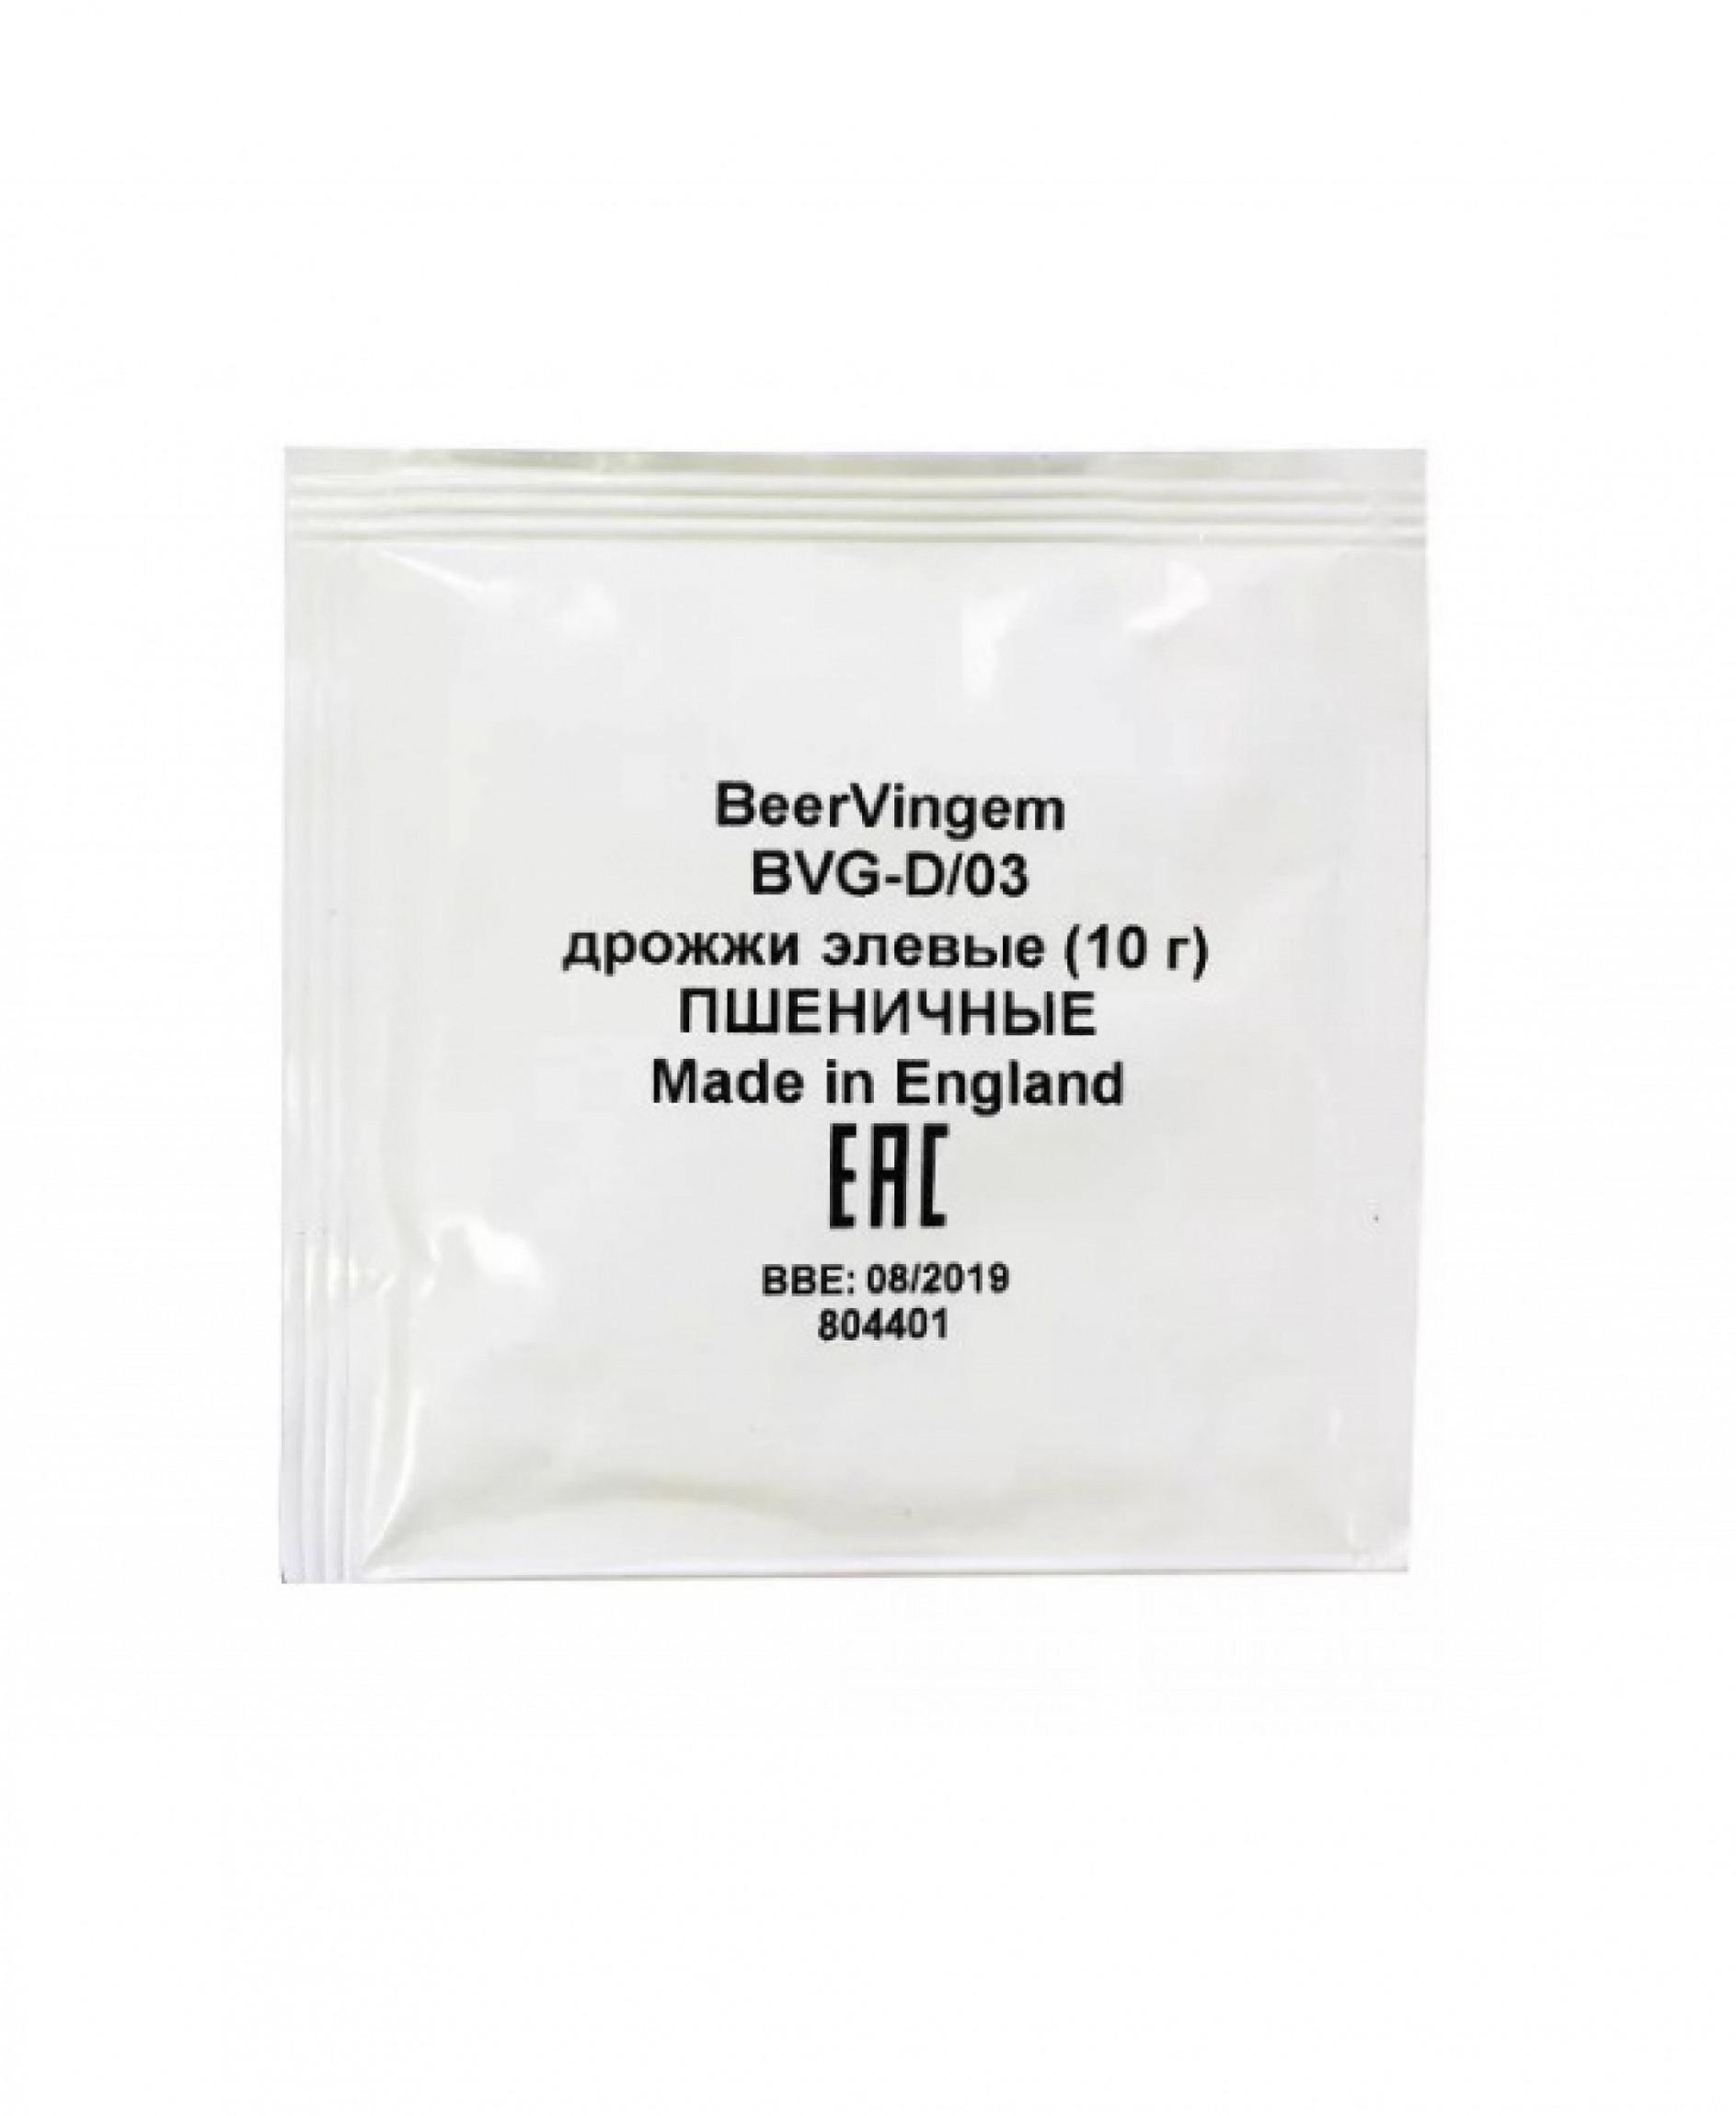 Дрожжи элевые BeerVingem BVG-D/03 для пшеничного пива